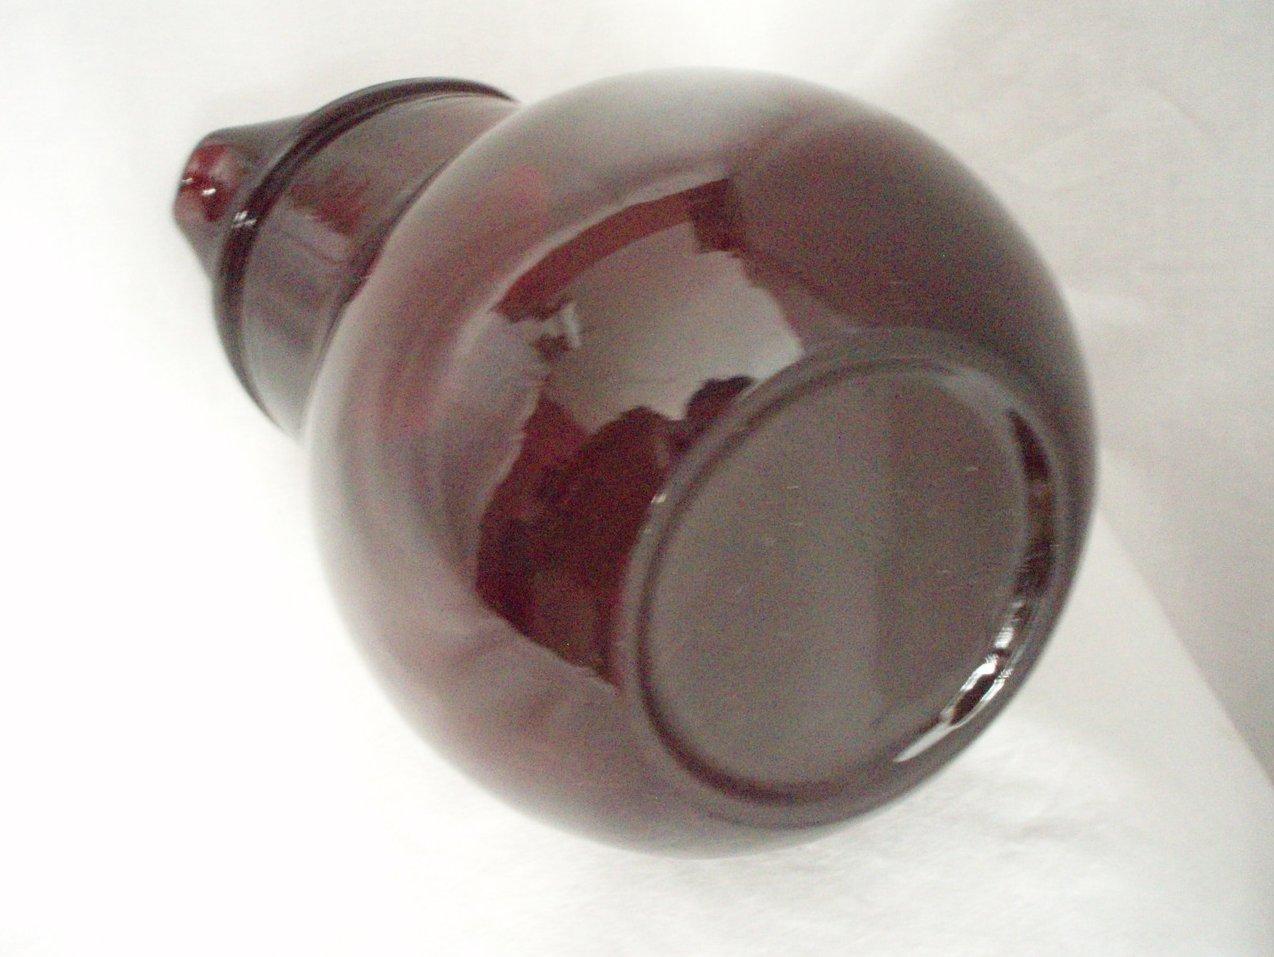 Image 5 of Anchor Hocking Royal Ruby Red 42 oz tilt Pitcher & 8 Juice tumblers vintage